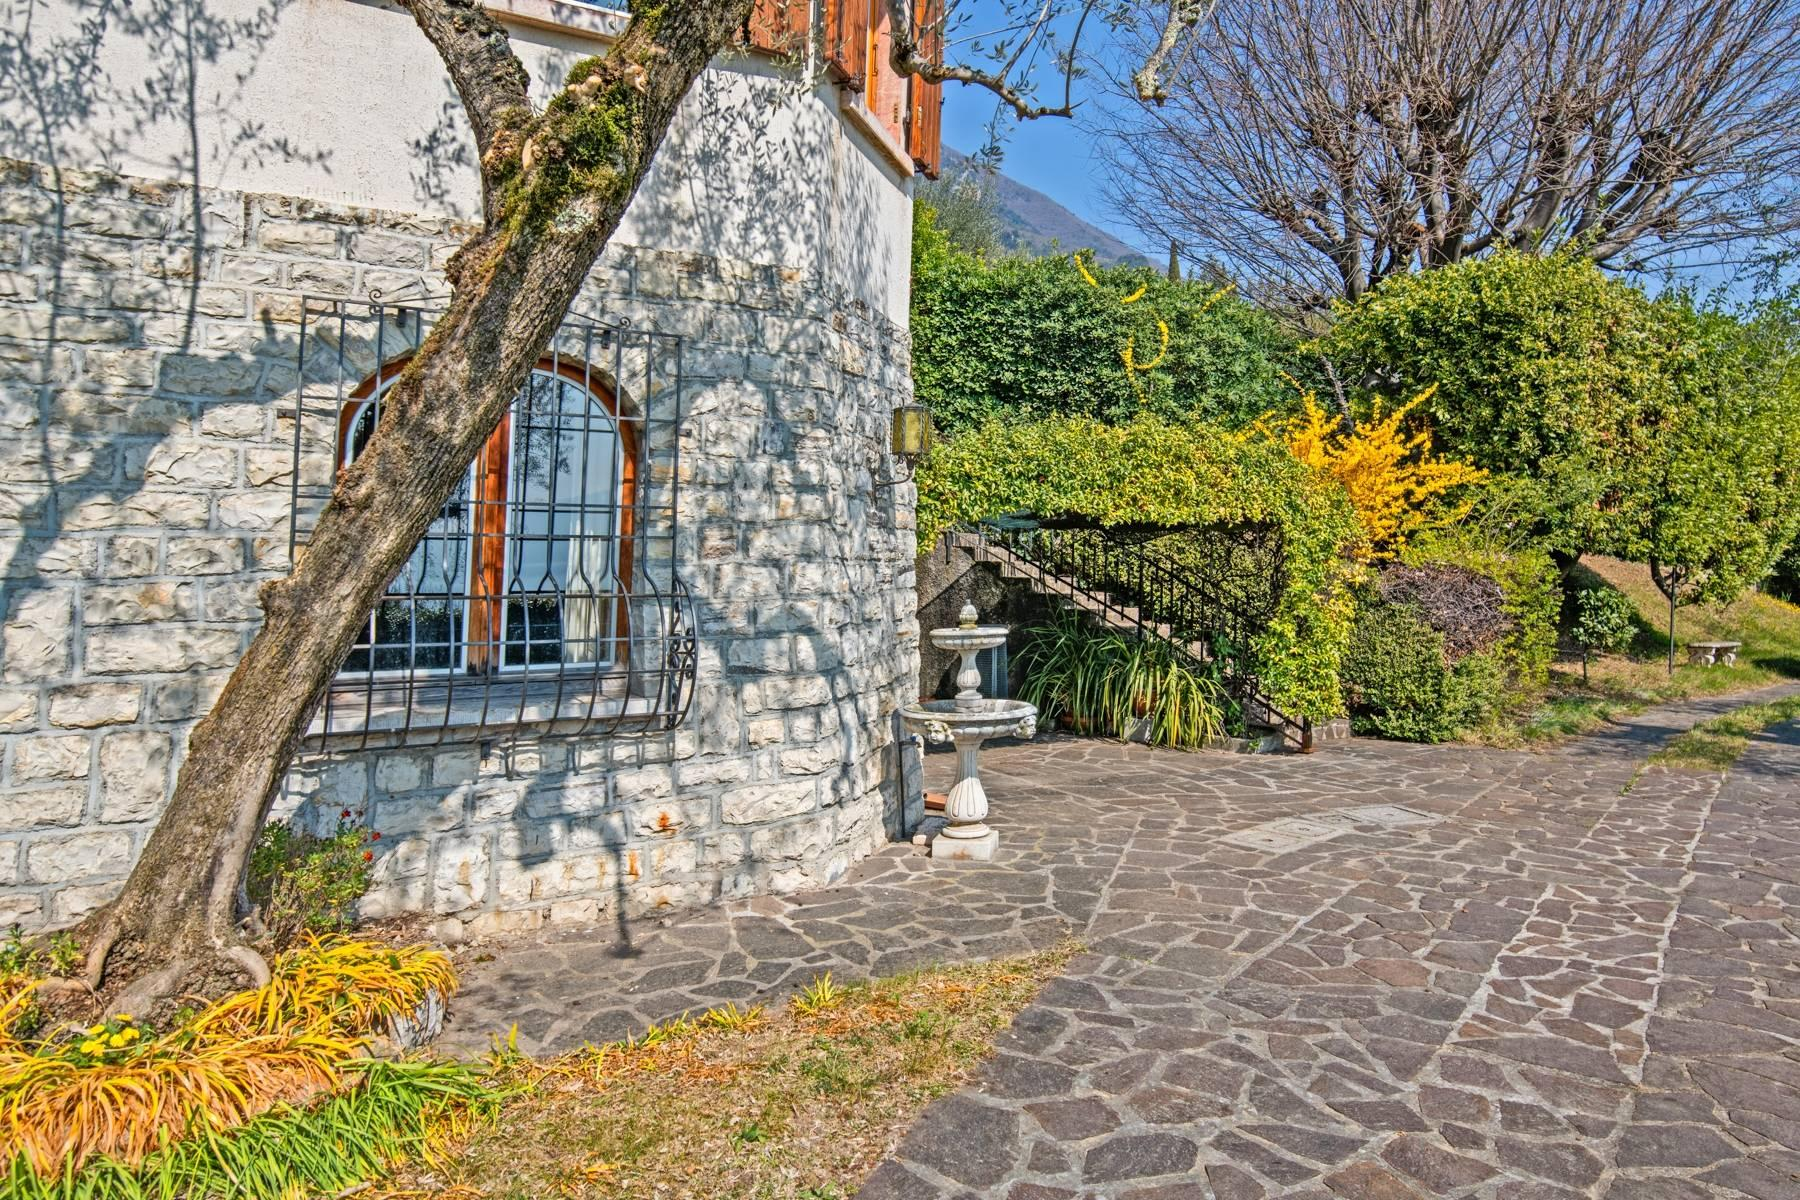 Villa in Gargnano inmitten der Olivenbäume vom Gardasee mit herrlichem Seeblick - 12